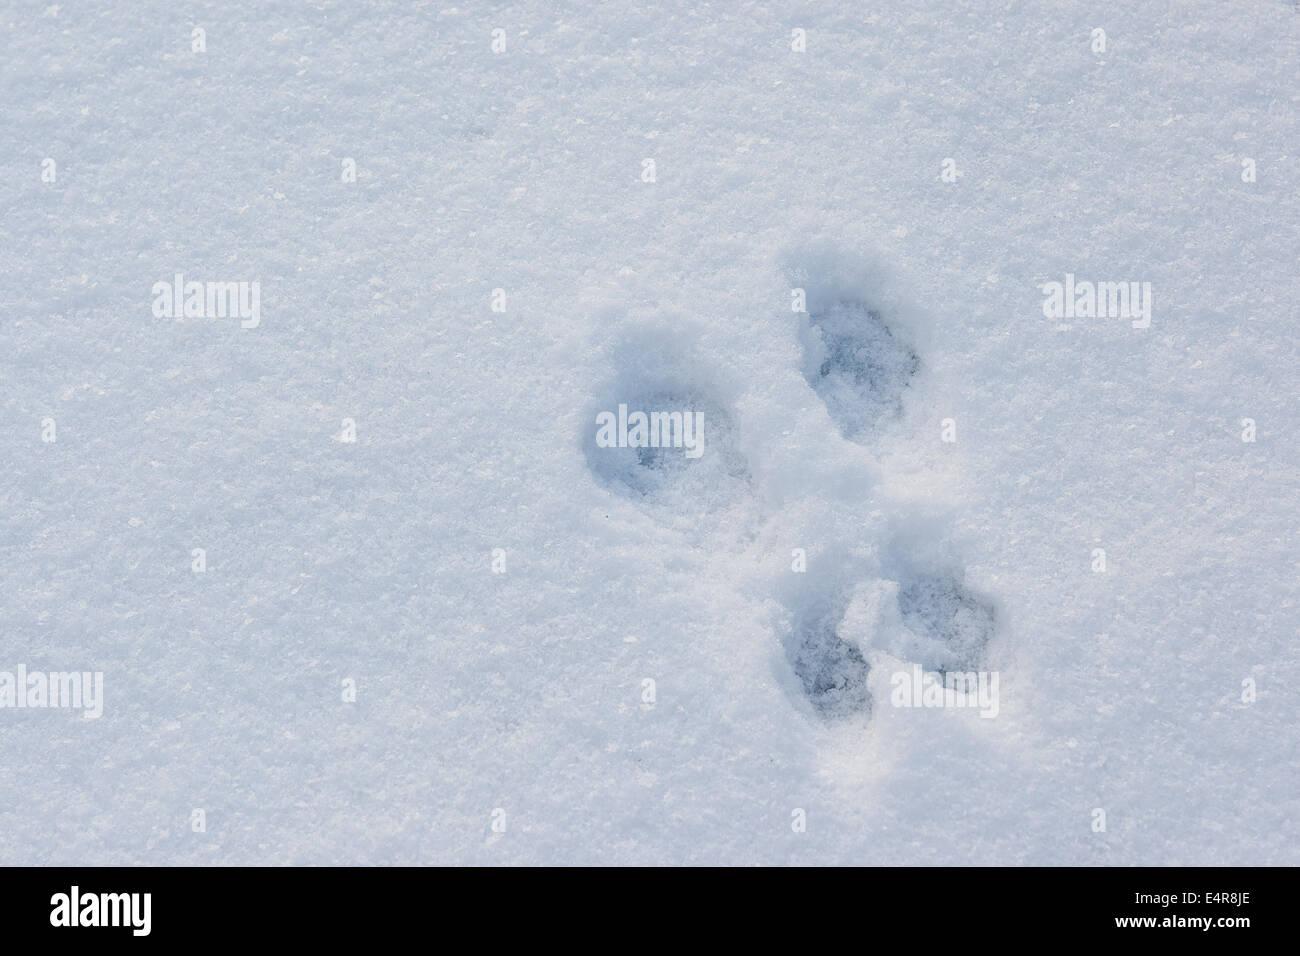 Red squirrel, Eurasian red squirrel, track in snow, Eichhörnchen, Spur, Schnee, Trittsiegel, Sciurus vulgaris, - Stock Image